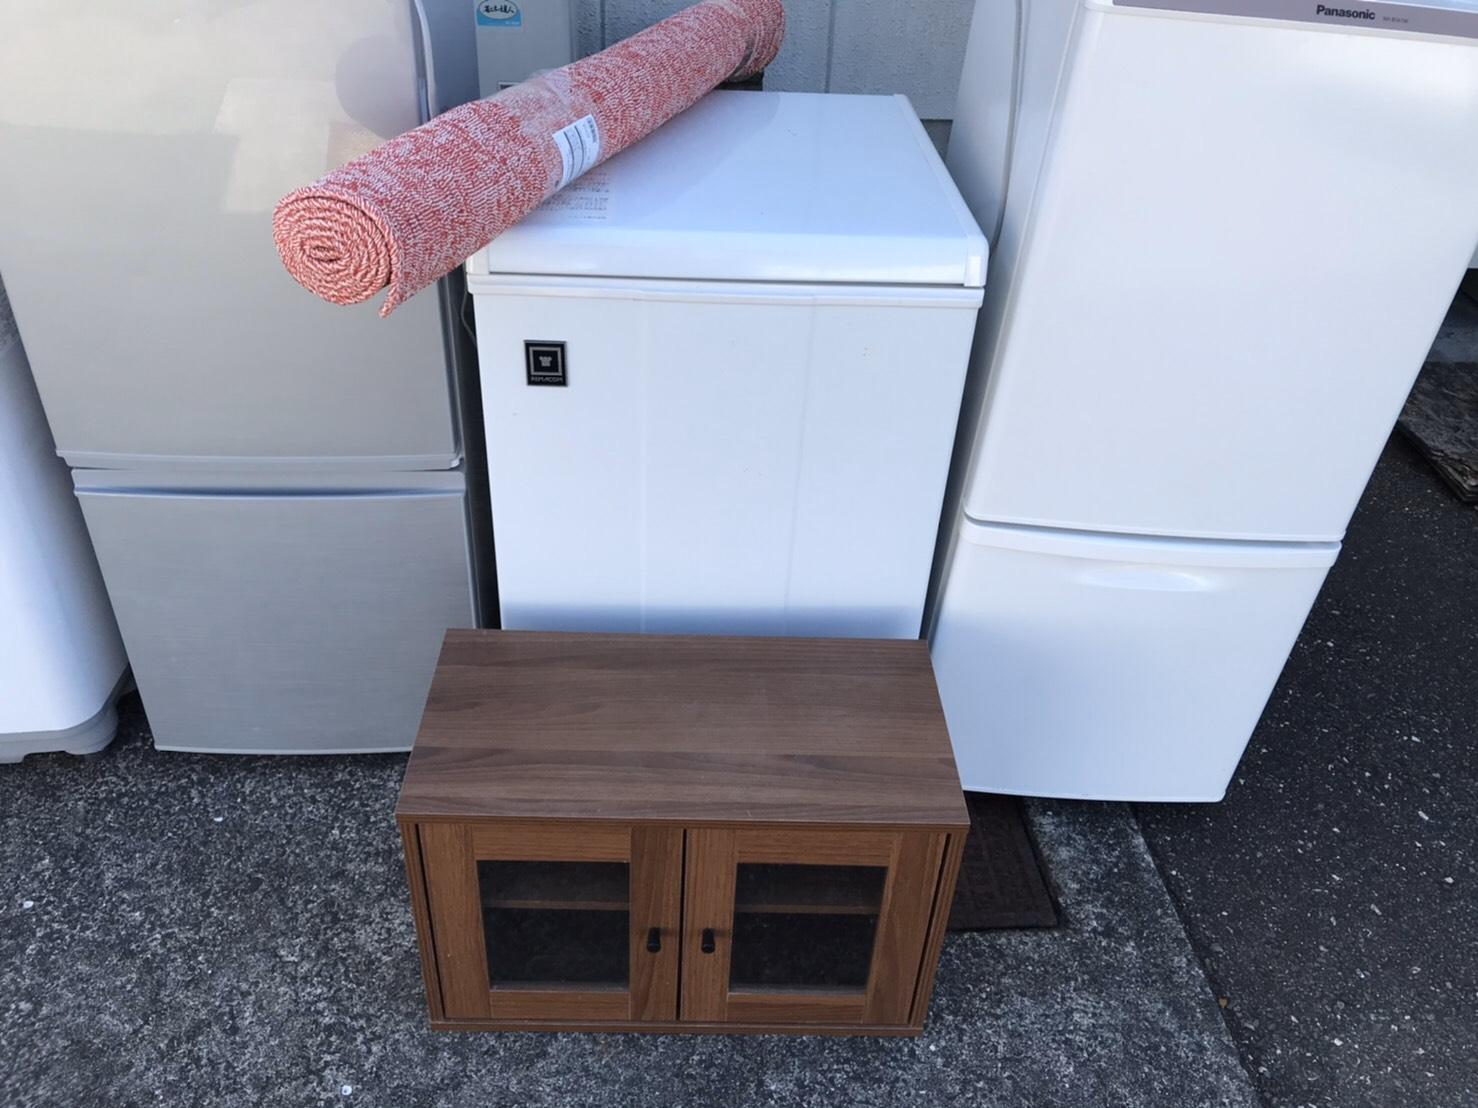 3/14★出張買取にて《冷蔵庫|洗濯機|家具》買取させていただきました!★ #出張買取 #マンガ倉庫 #武雄店 #白物 #家電#買取 #家具 #重い #コミック